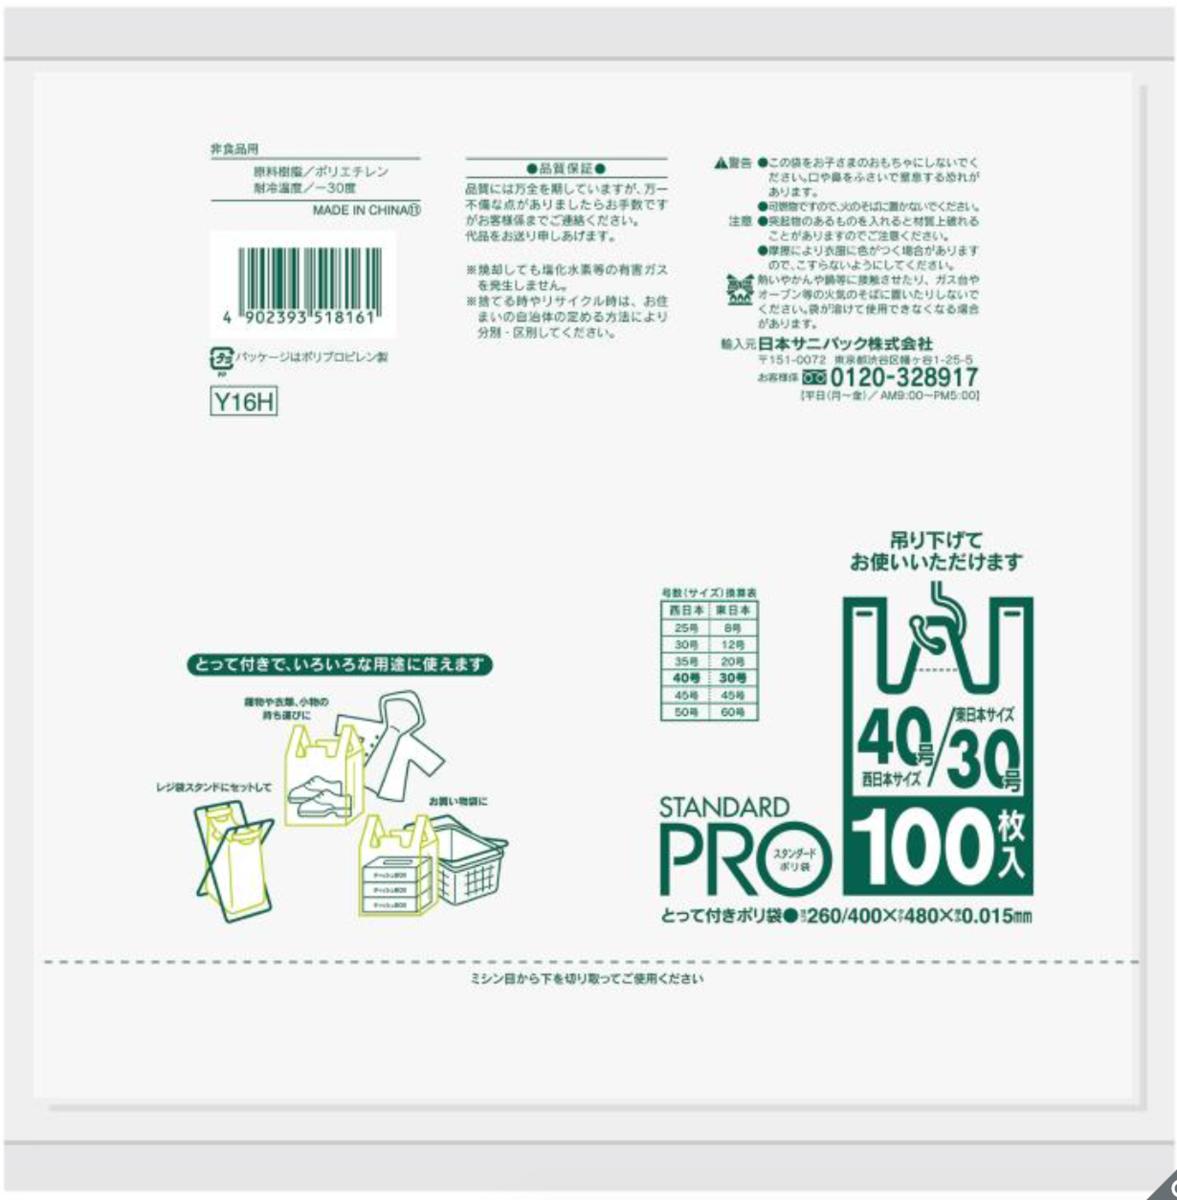 f:id:gadgeterkun:20201208232429p:plain